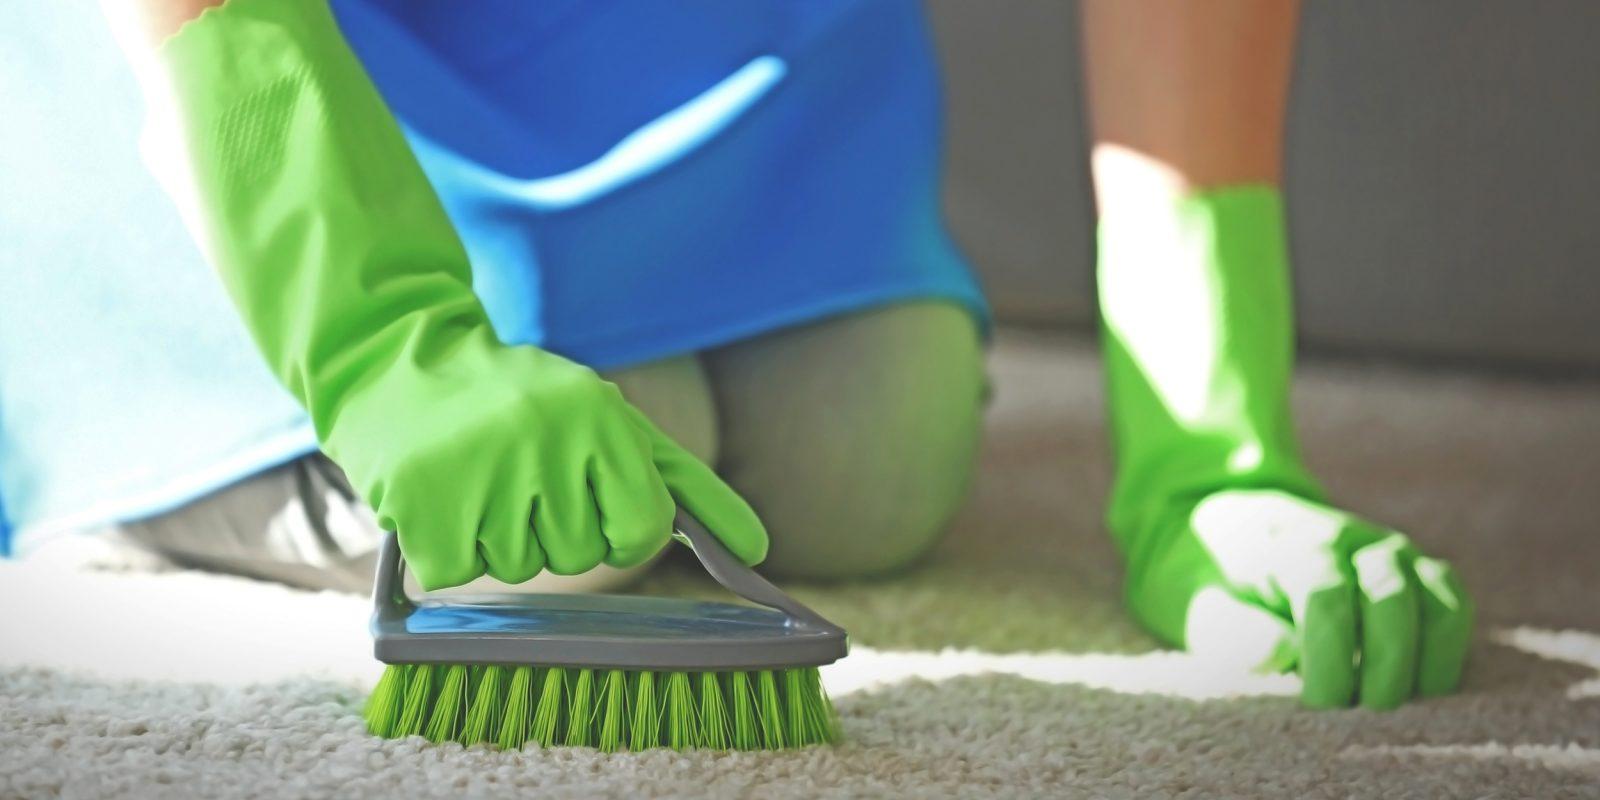 Как убрать неприятные запахи с ковра: разные типы загрязнений и способы их устранения